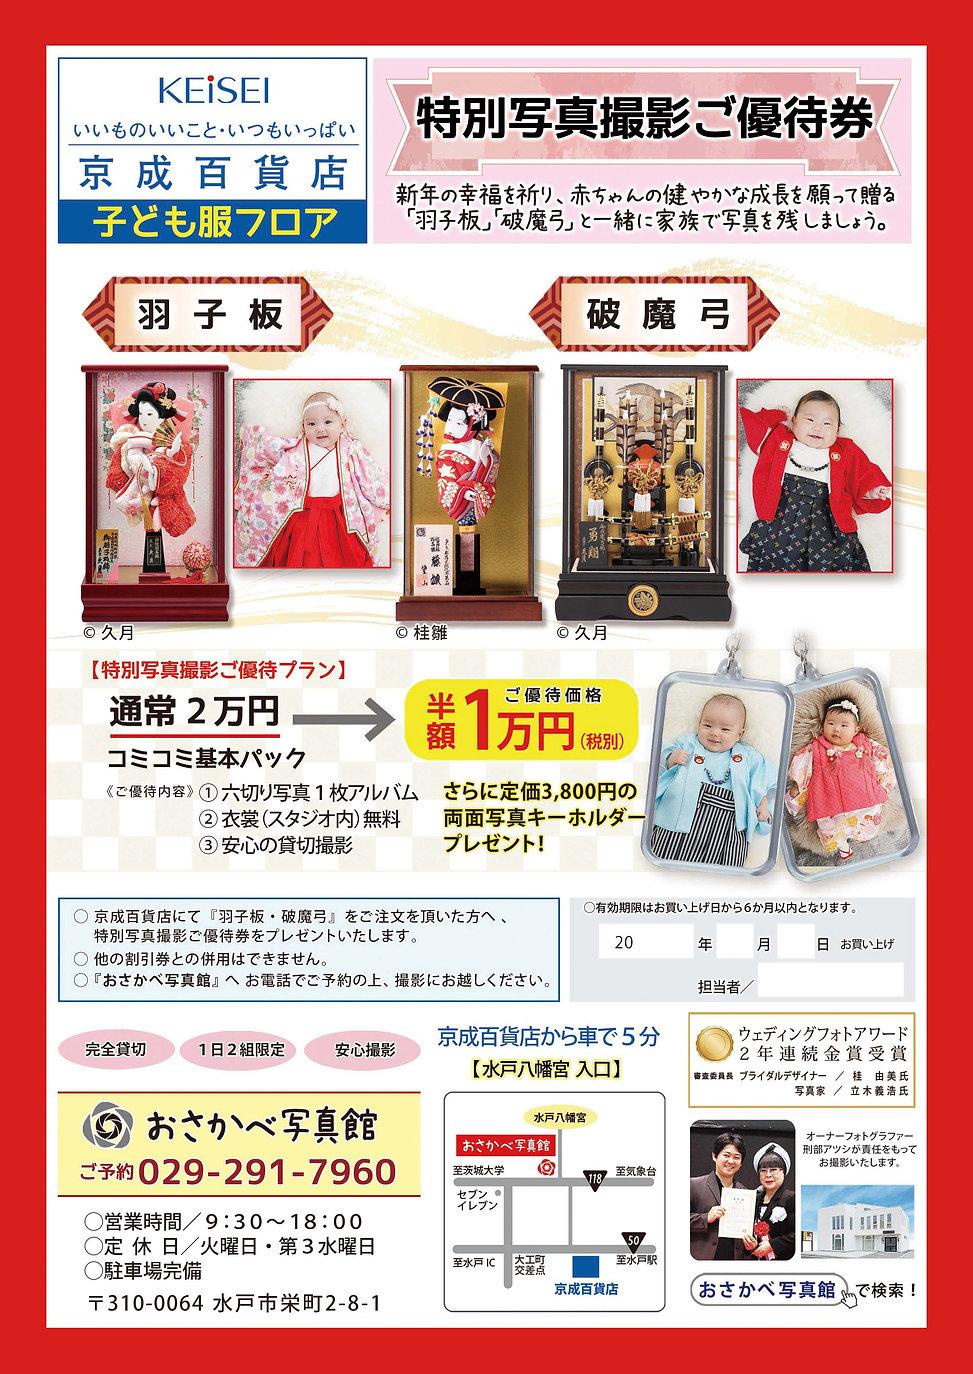 京成百貨店子ども服フロア 写真撮影ご優待券